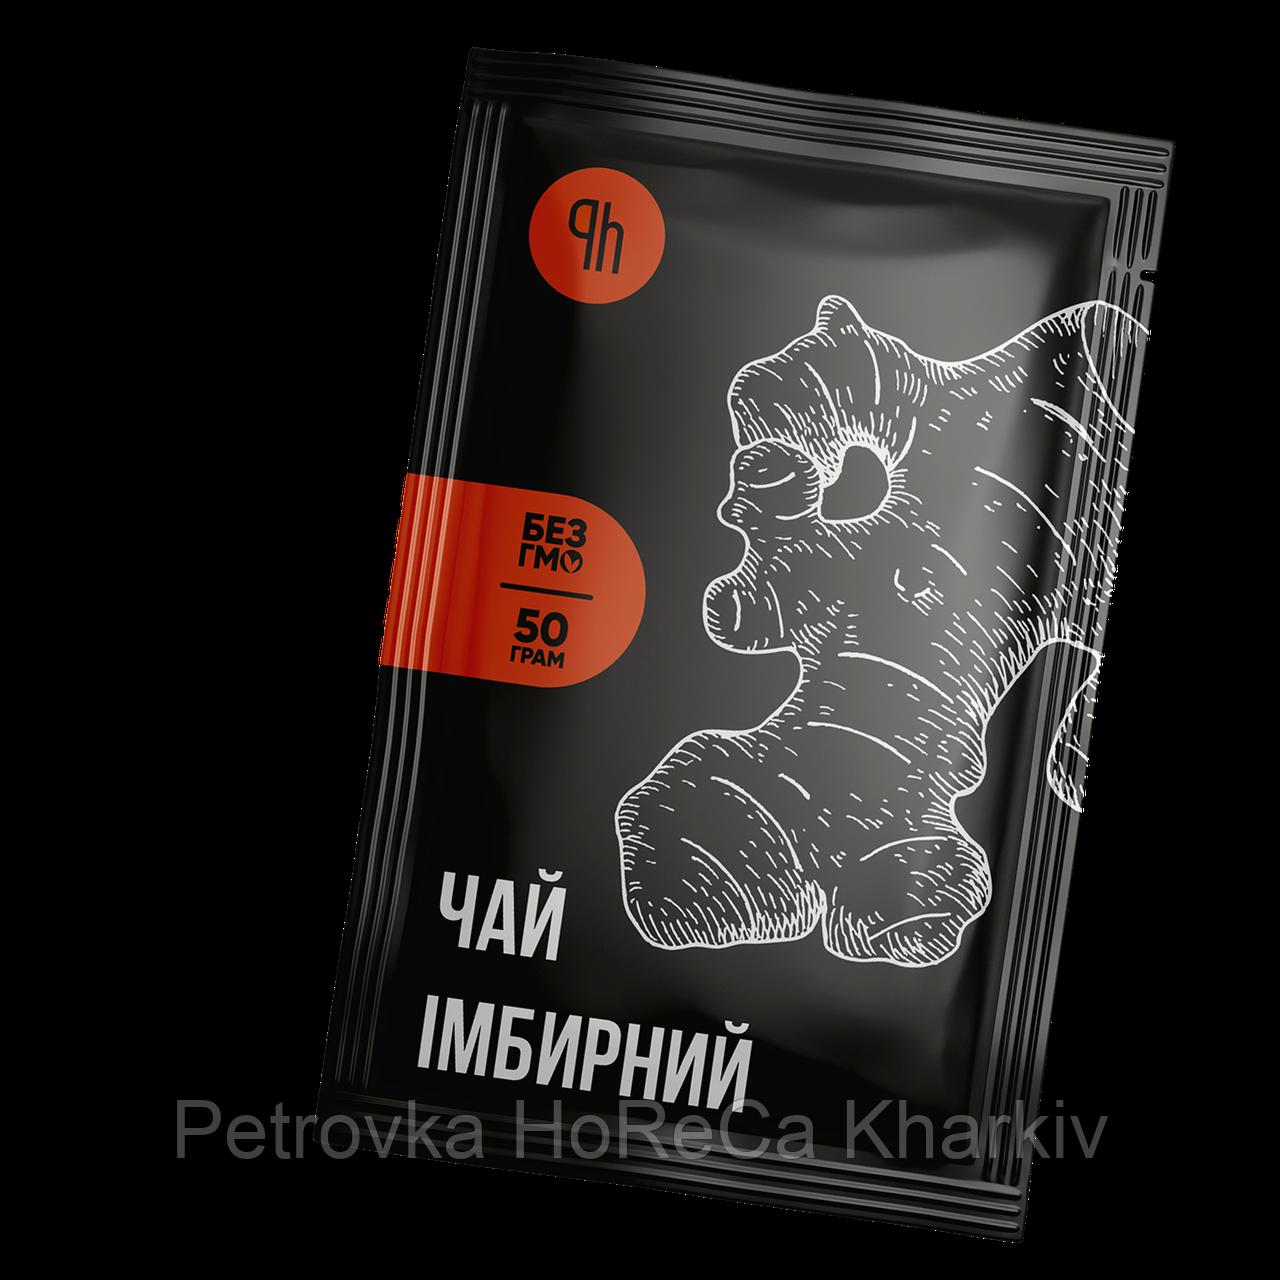 """Концентрат TM Ph """"Чай Имбирный"""" 50г Дой Пак, 1шт (100шт/ящ)"""